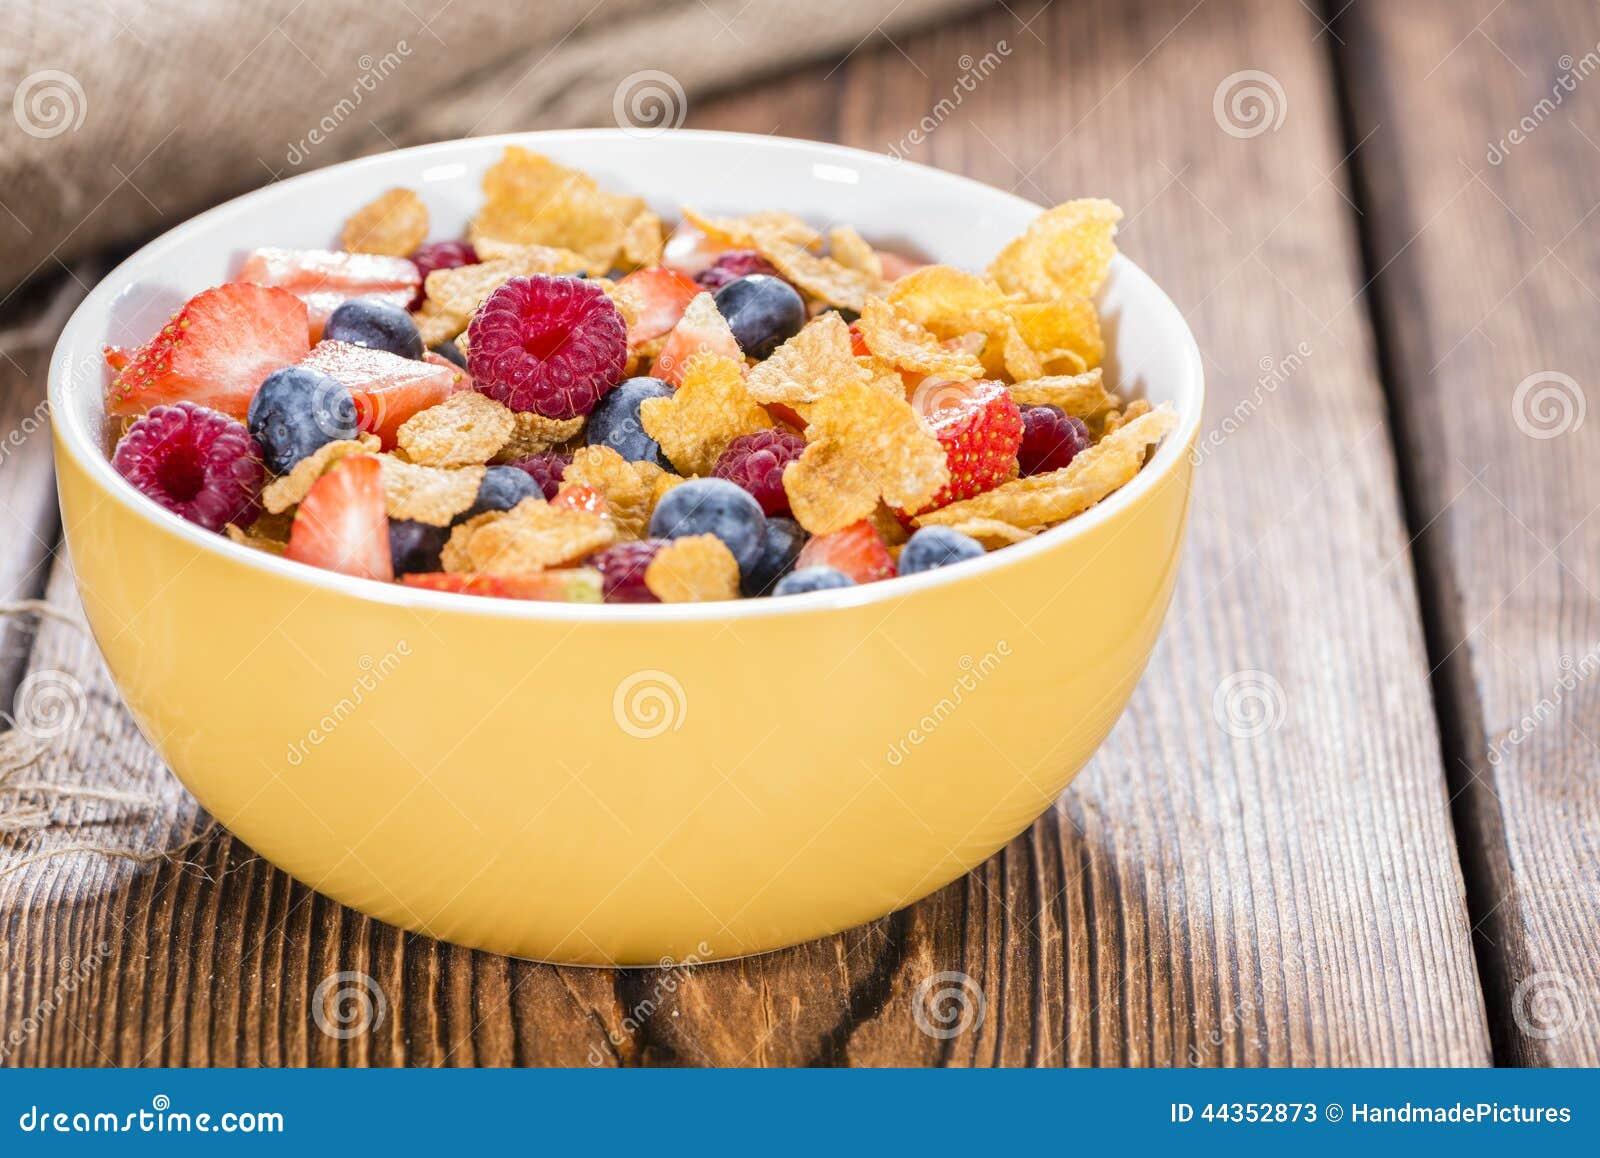 Prima colazione (fiocchi di granturco e bacche)